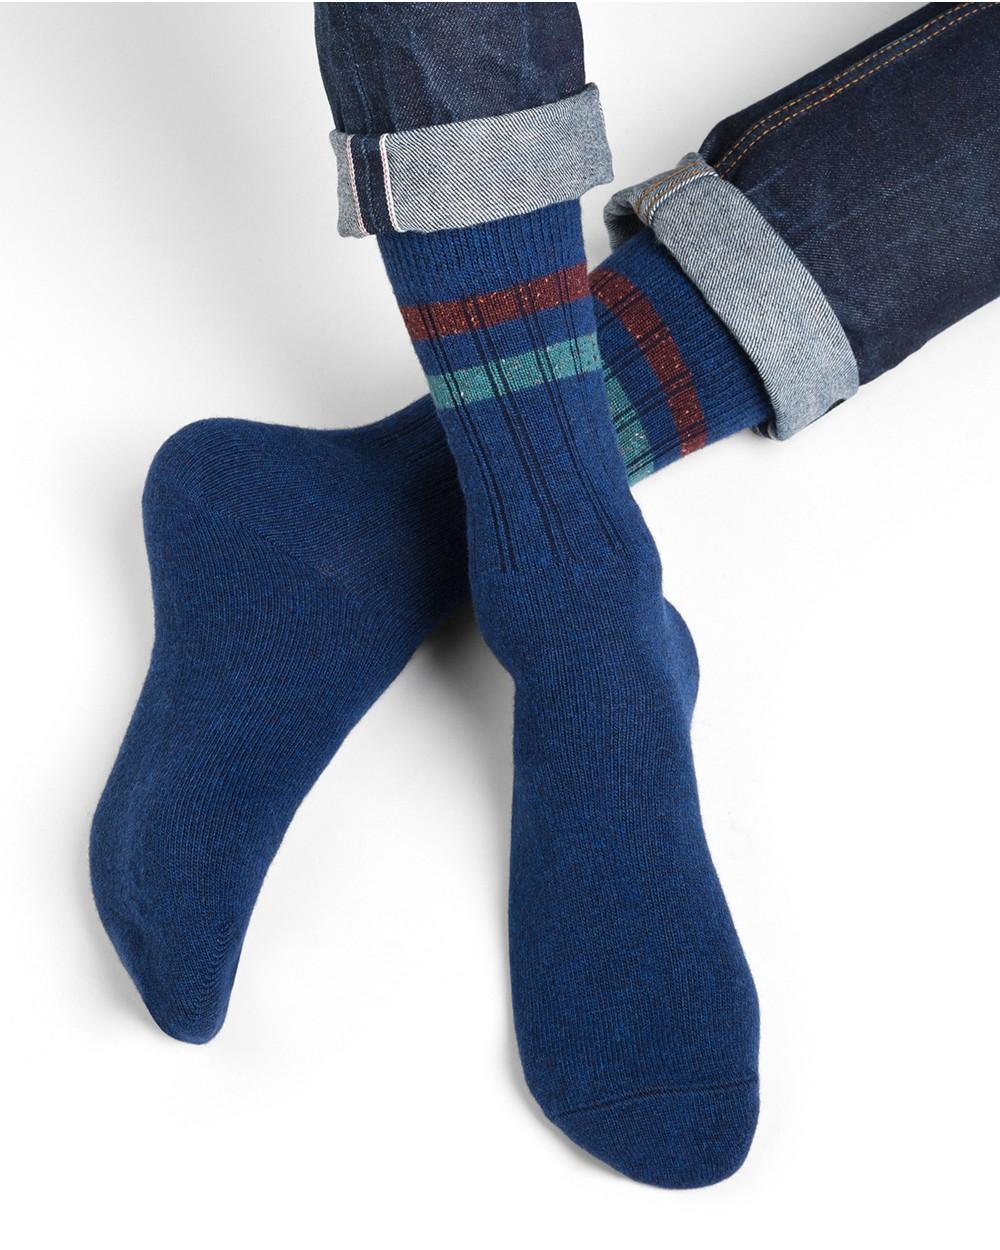 Chaussettes laine cachemire bandes à côtes